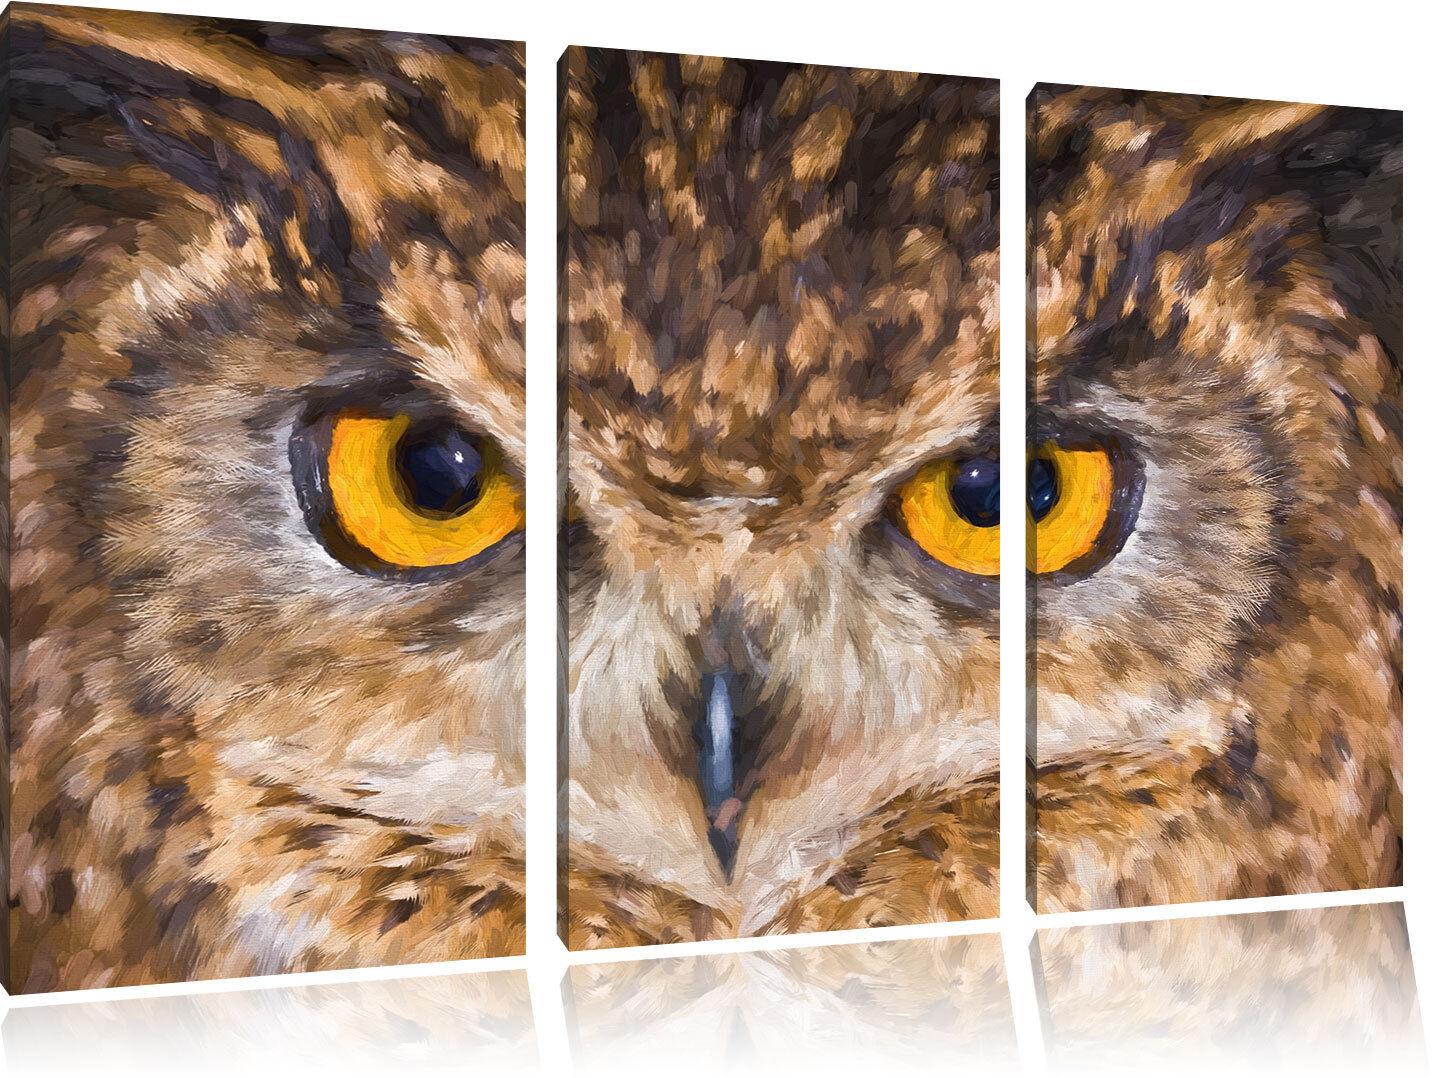 Eule mit gelben Augen Pinsel Effekt 3-Teiler Leinwandbild Wanddeko Kunstdruck